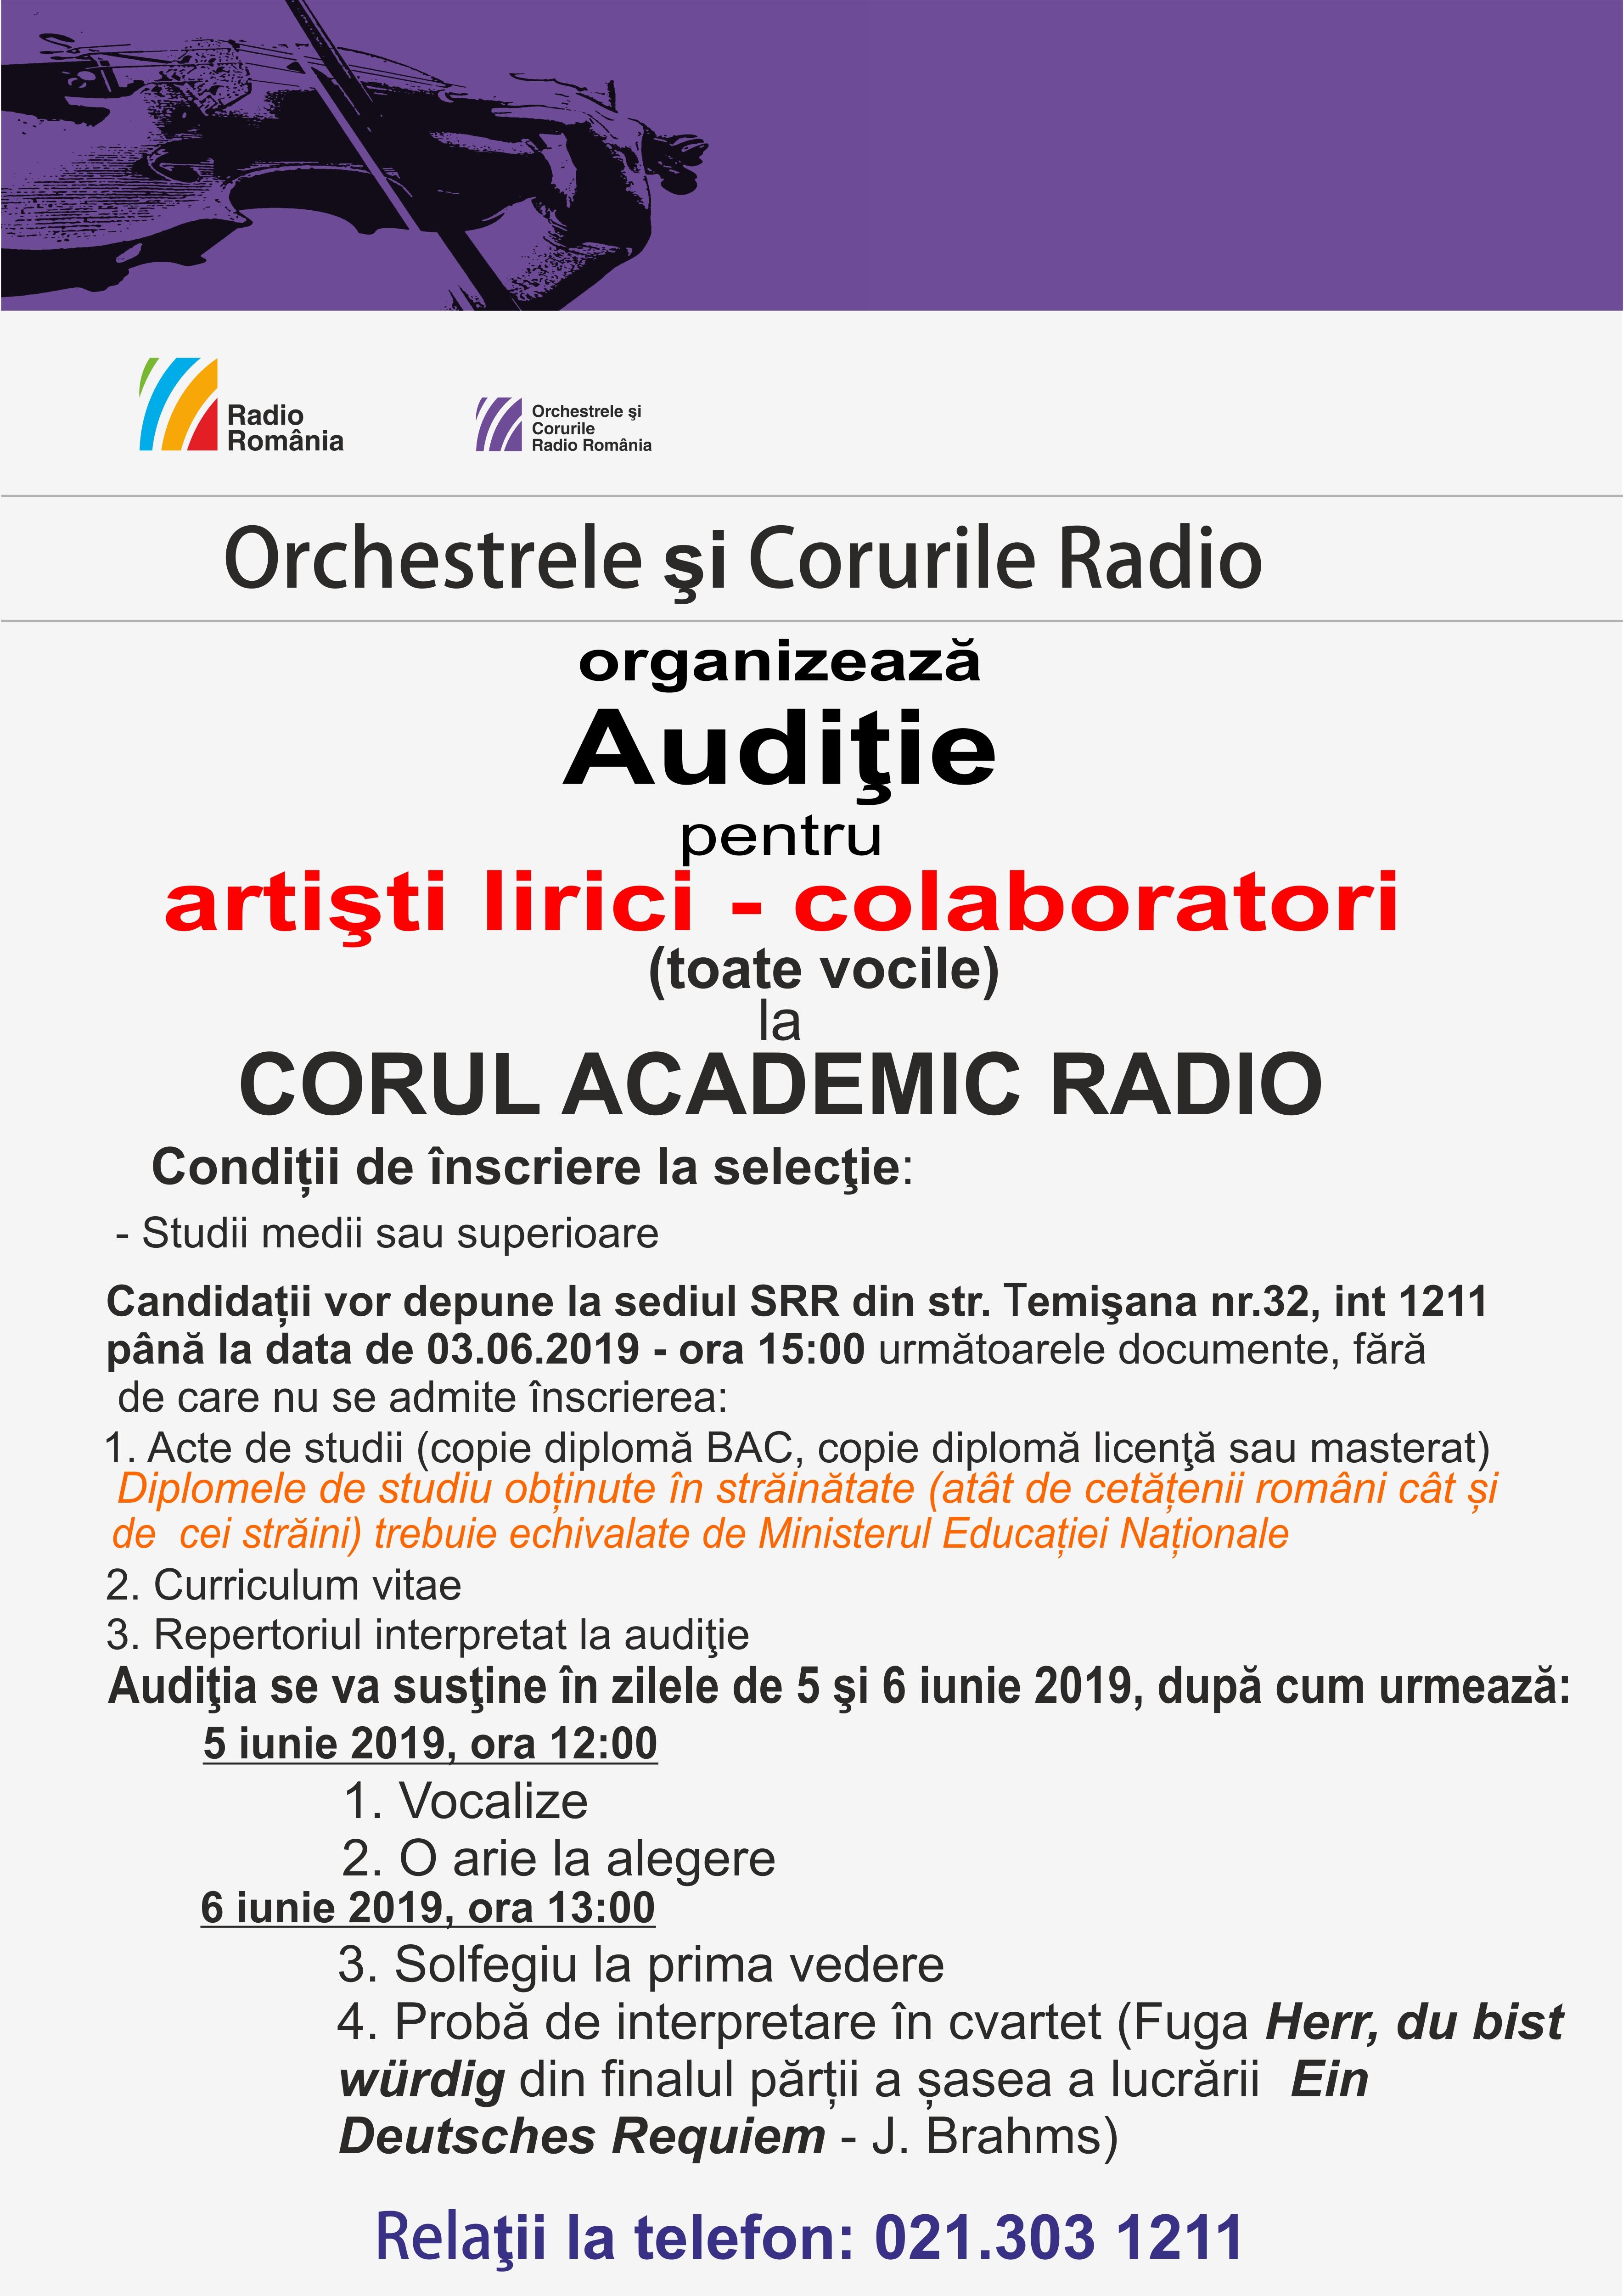 Audiţie pentru artişti lirici (toate vocile) – colaboratori la CORUL ACADEMIC RADIO